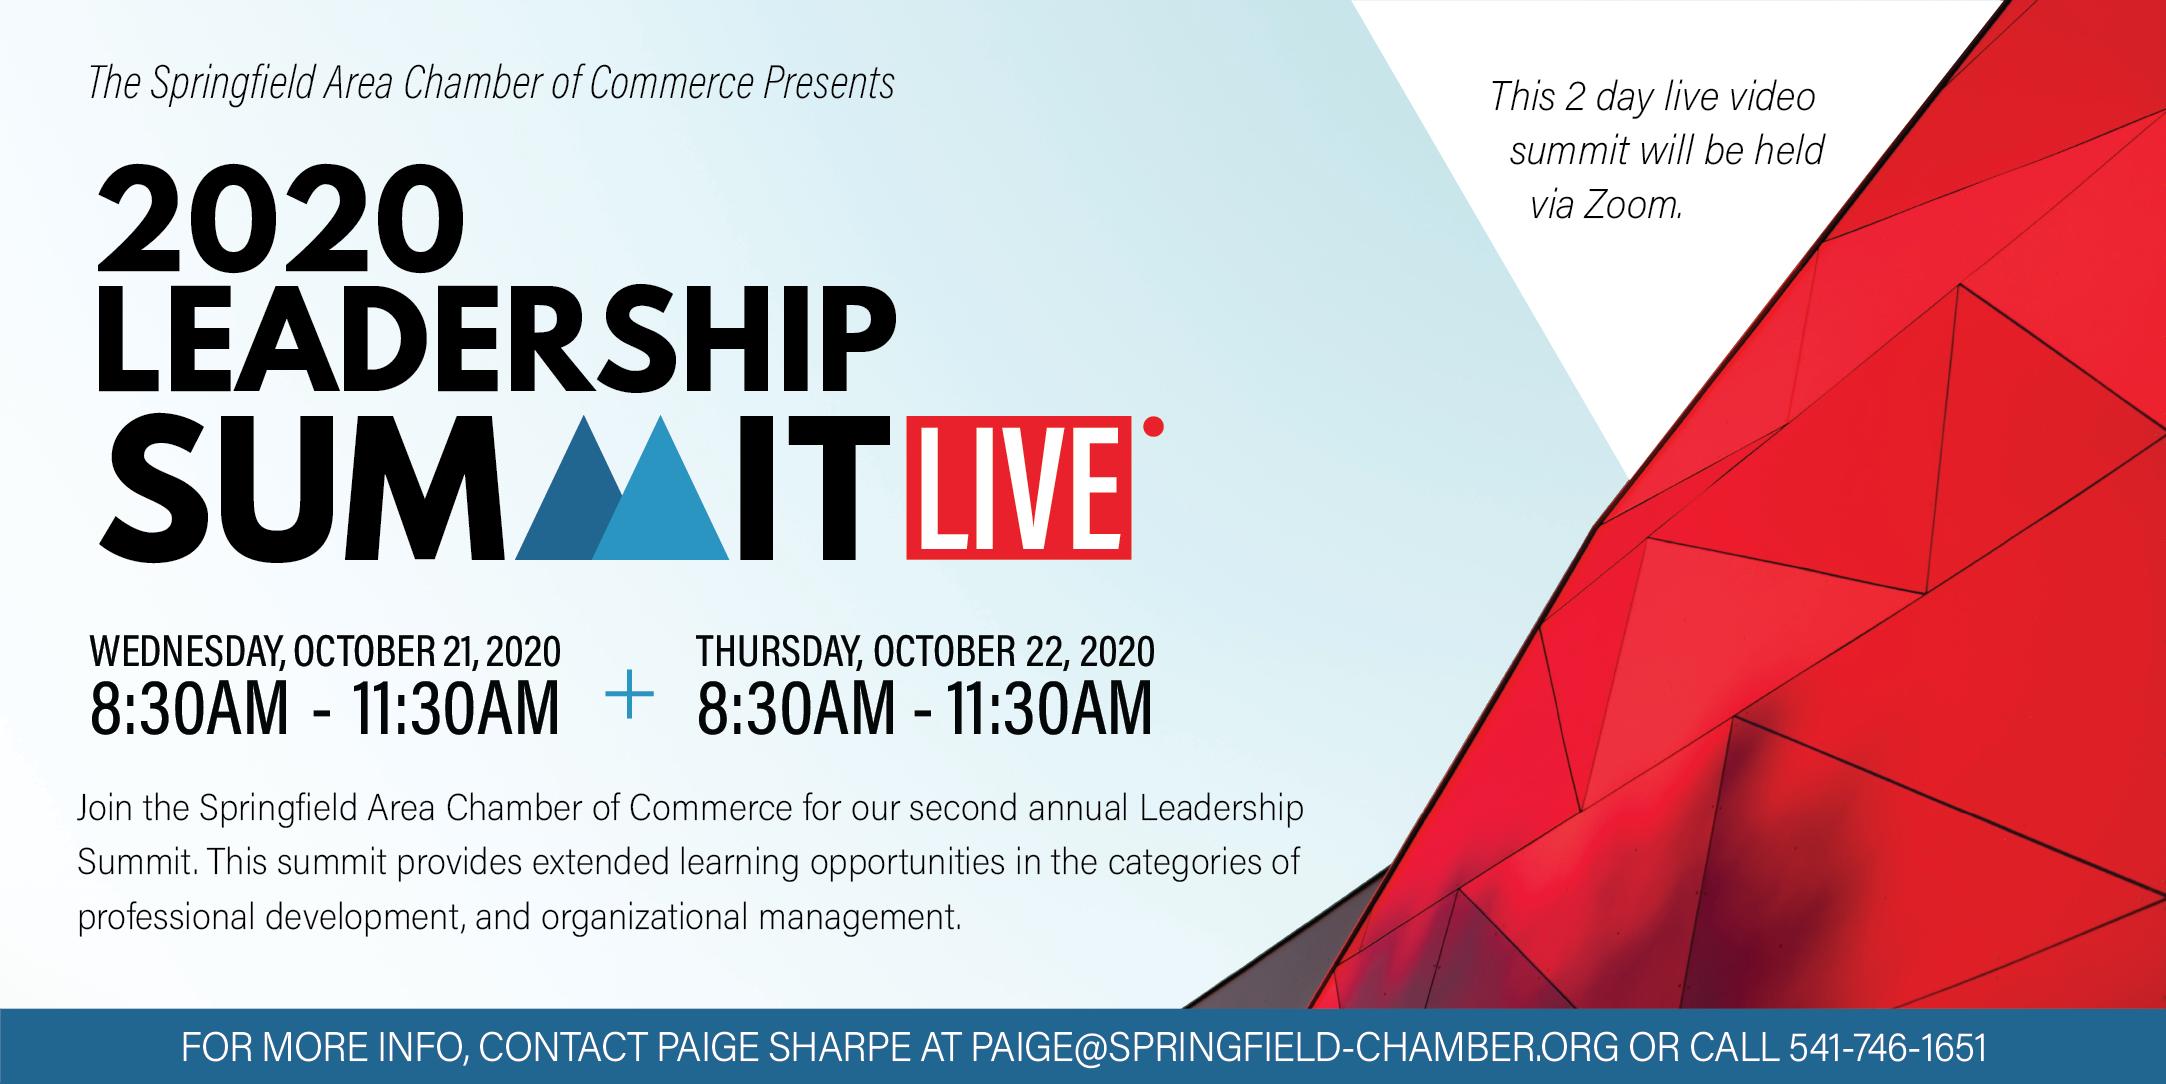 2020 Leadership Summit Live